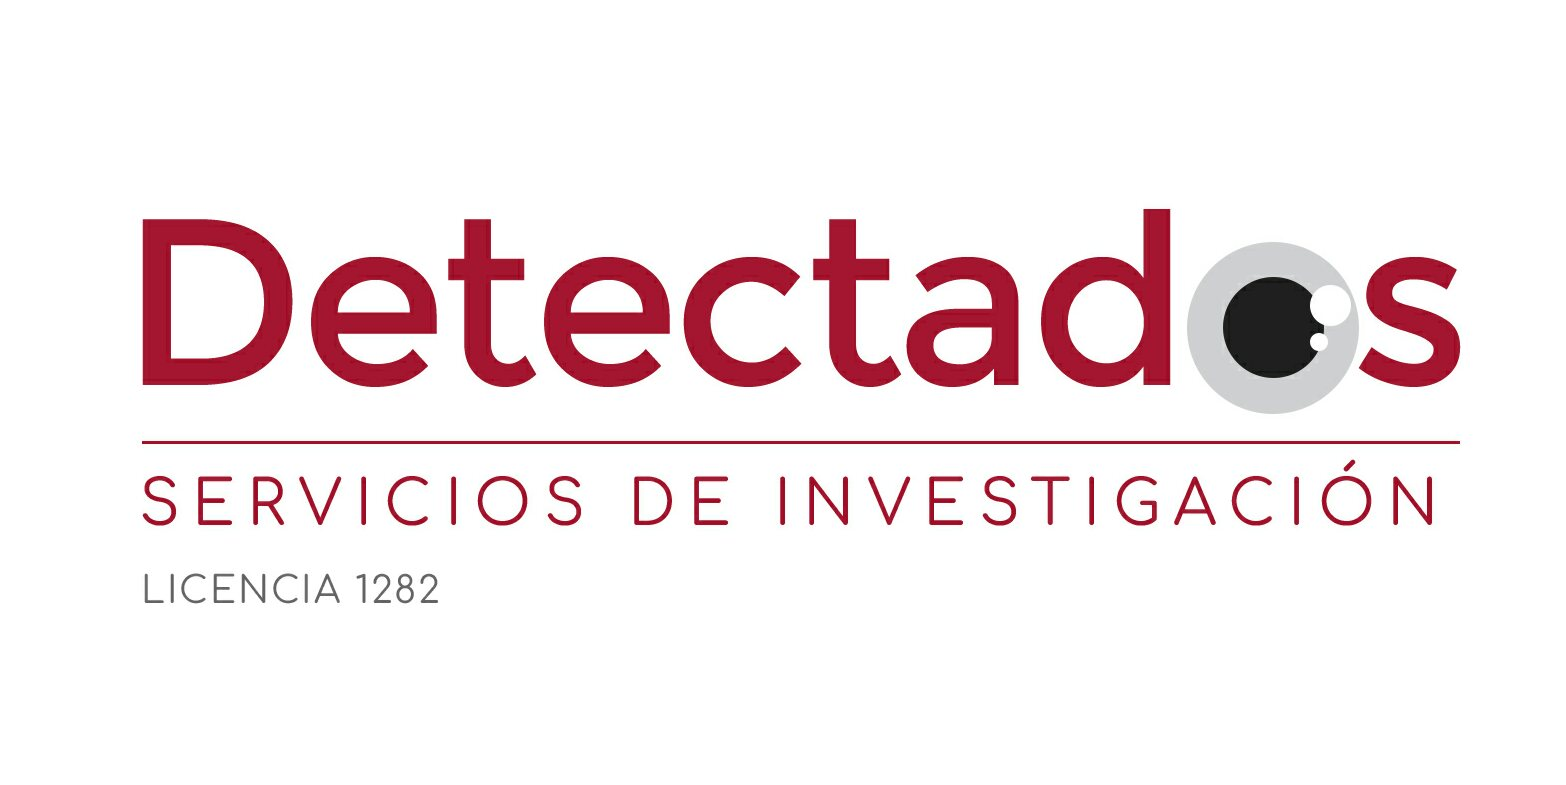 Detectados Servicios De Investigación